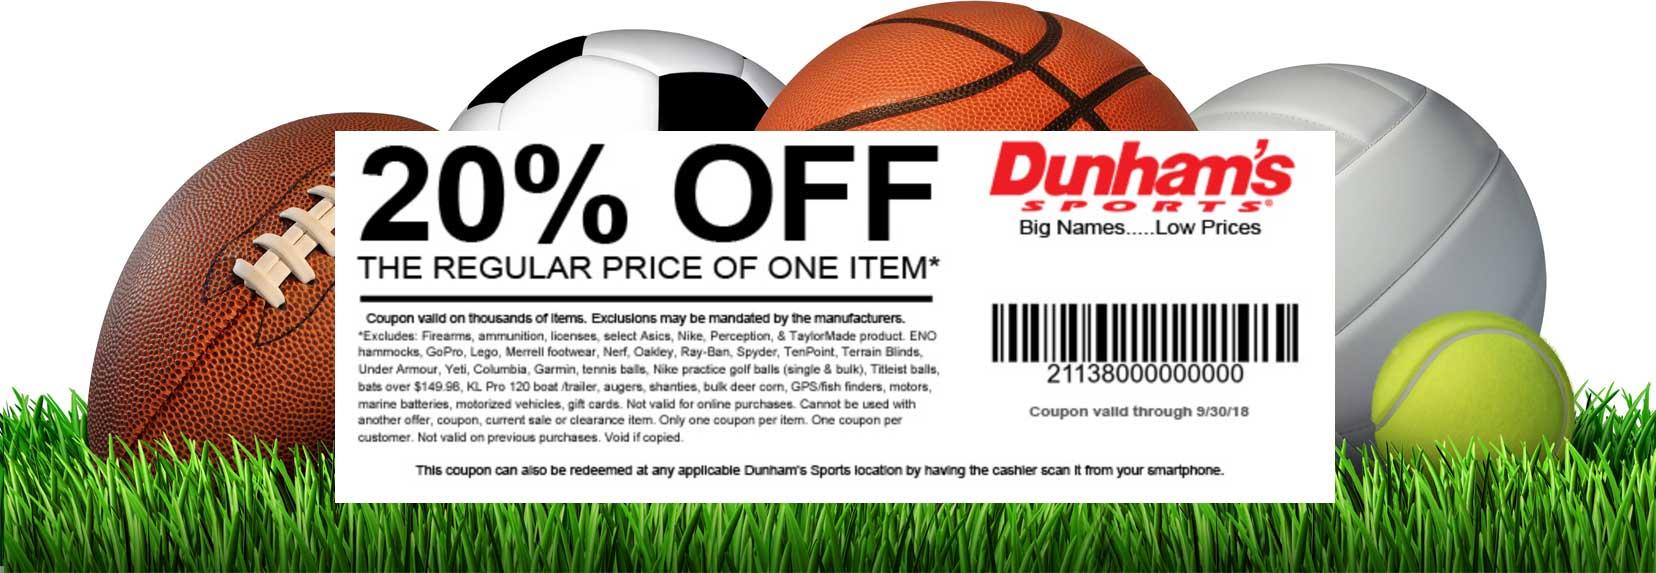 Dunhams Sports Coupon May 2020 20% off a single item at Dunhams Sports